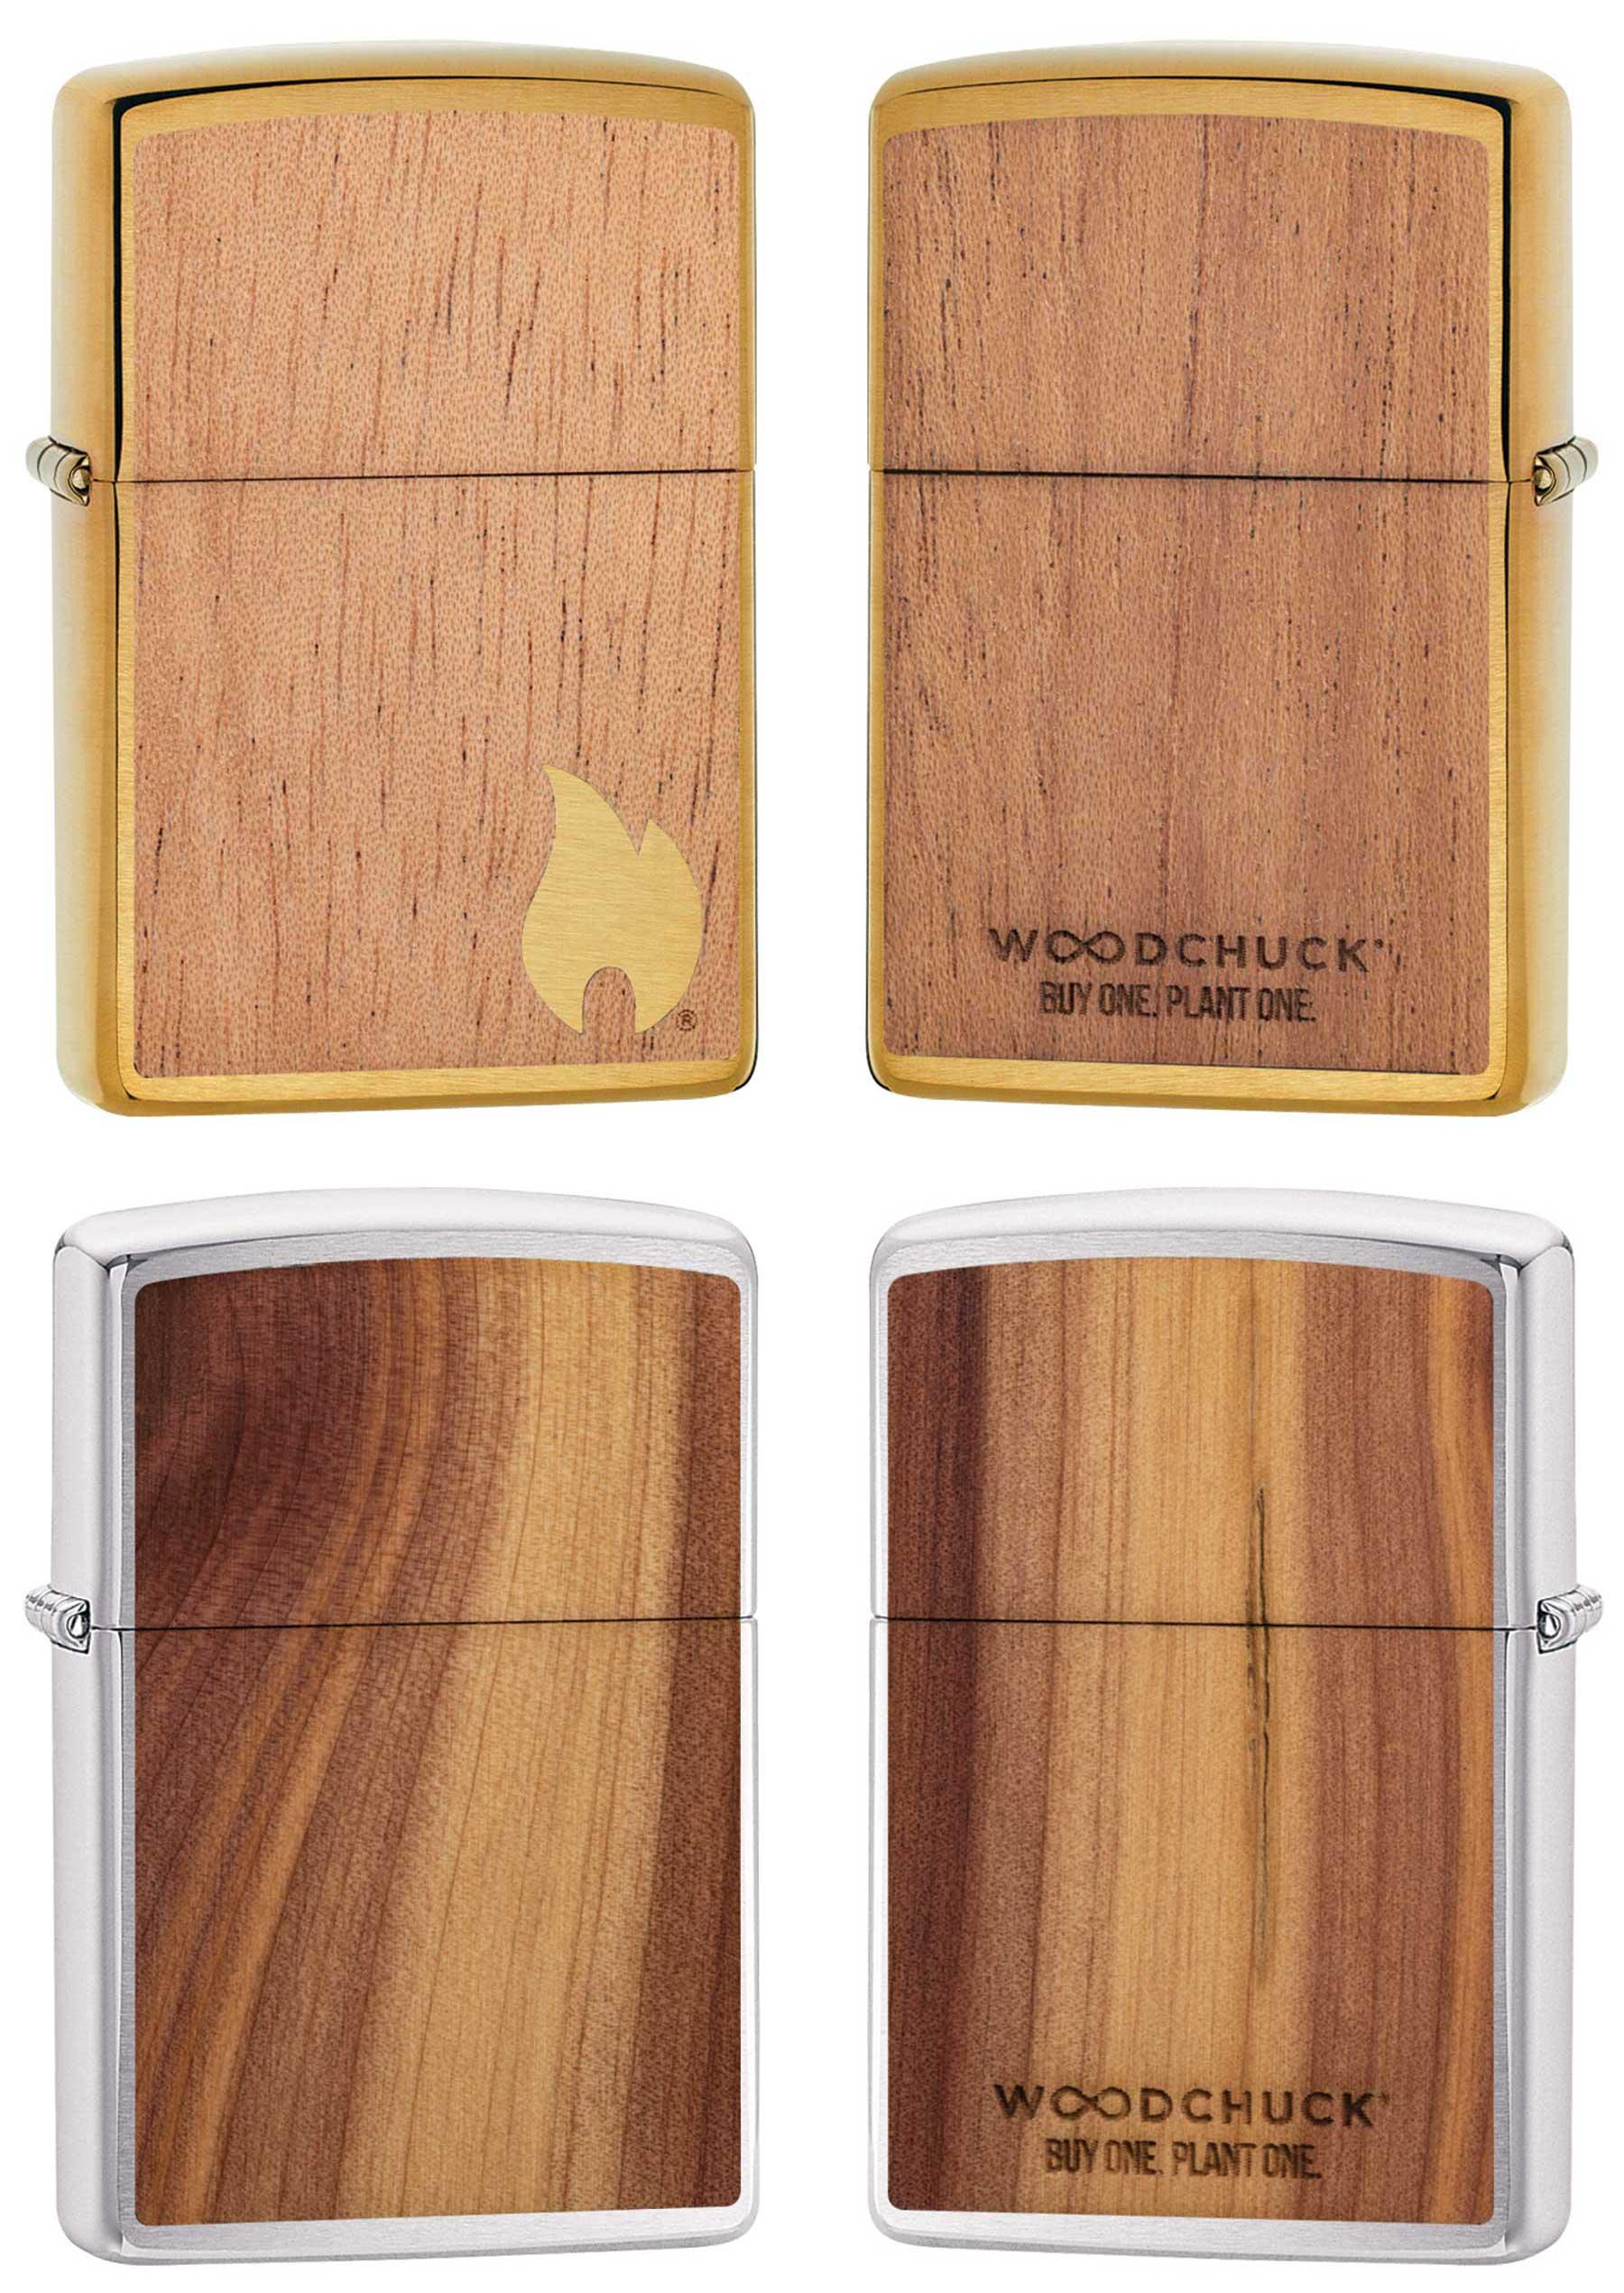 Echtholz trifft Feuerzeug: Die Zippo x Woodchuck-Kollektion Zippo-Woodchuck-Kollektion_08-1